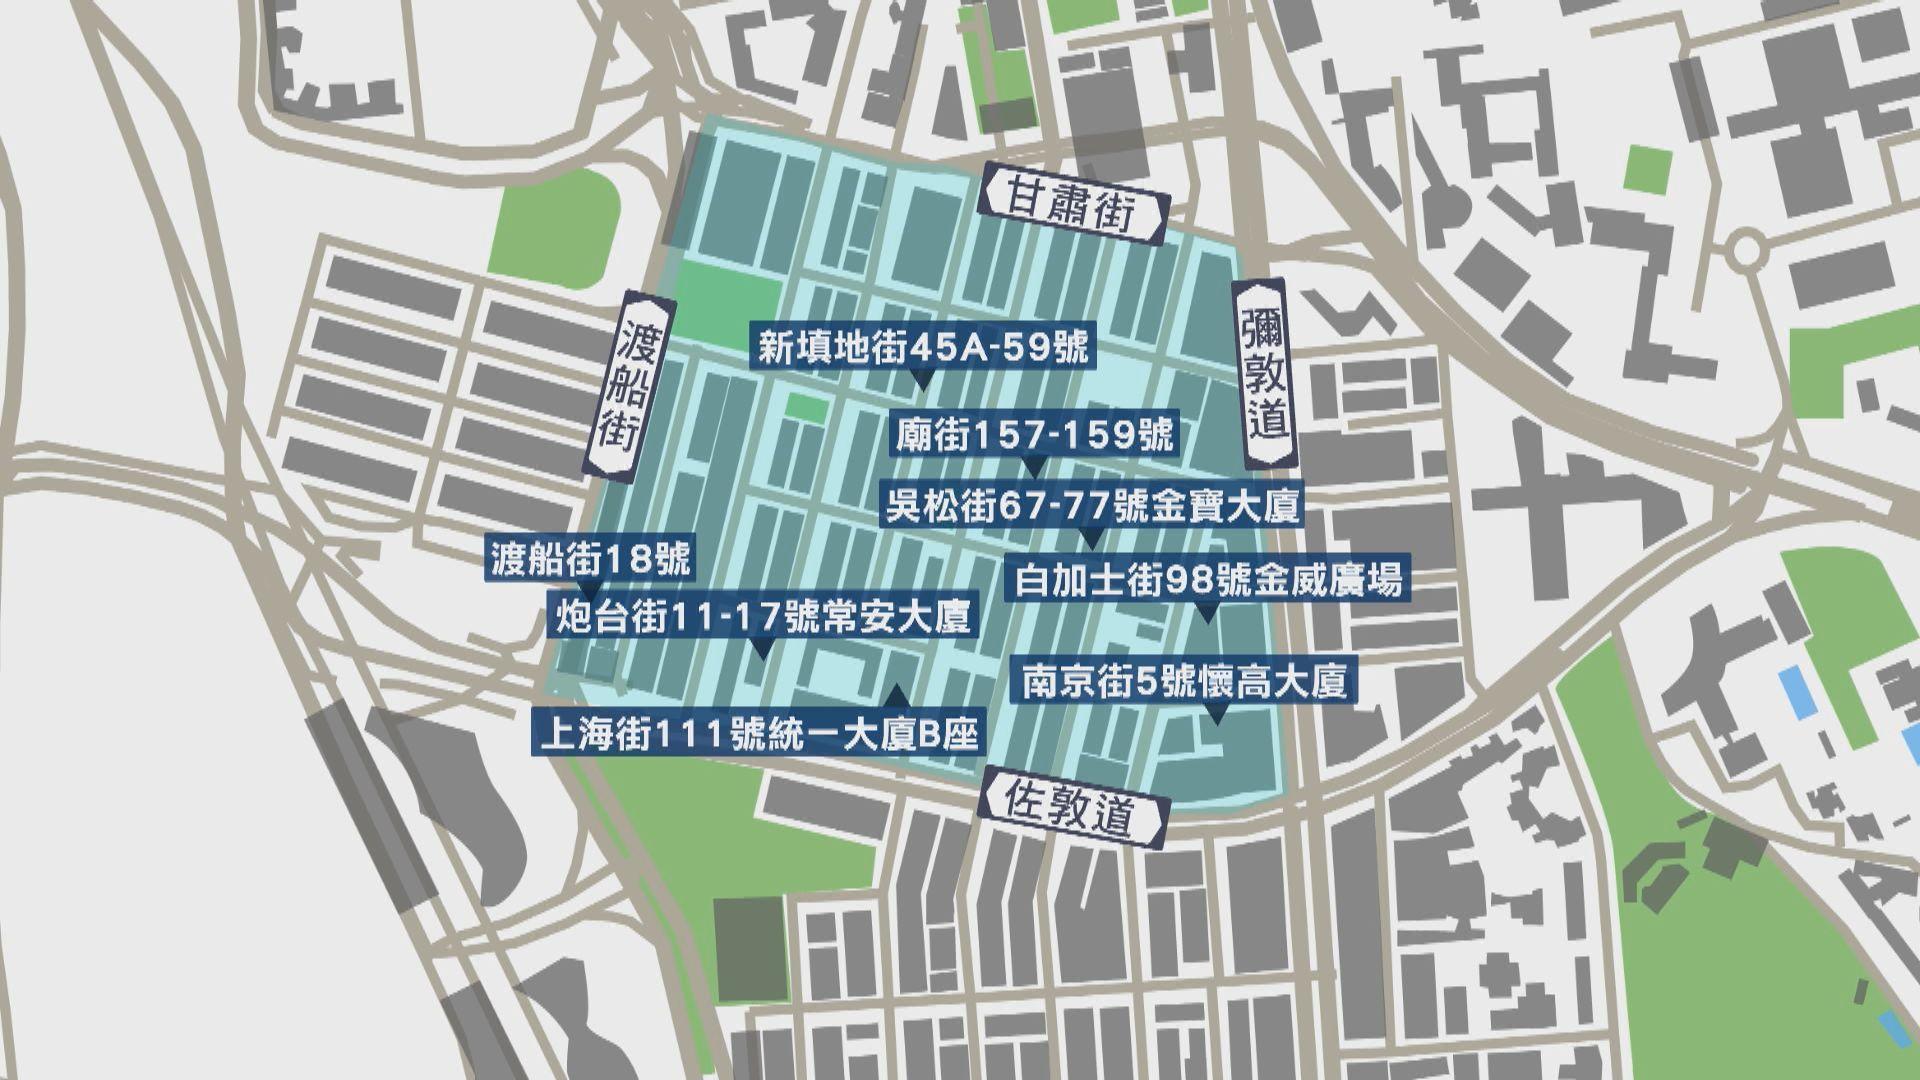 連同周六確診個案 油麻地區多八幢大廈列入強制檢測